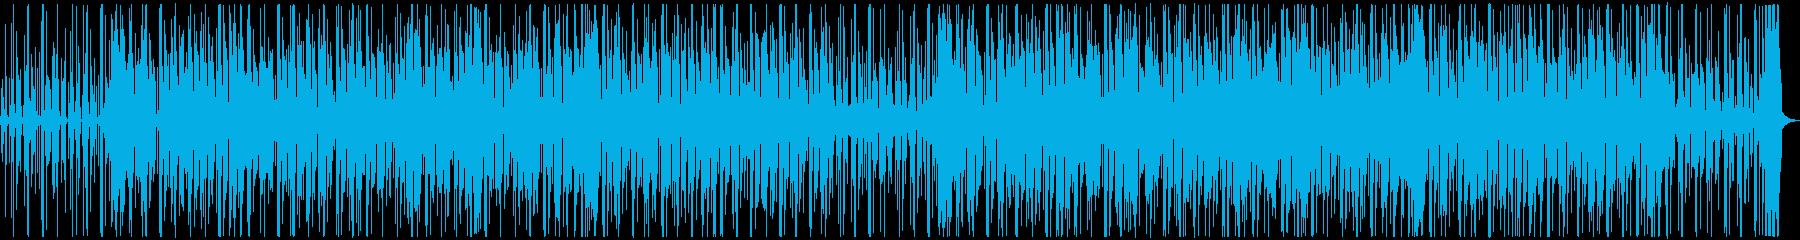 カリビアン風のトロピカルで楽しいBGMの再生済みの波形